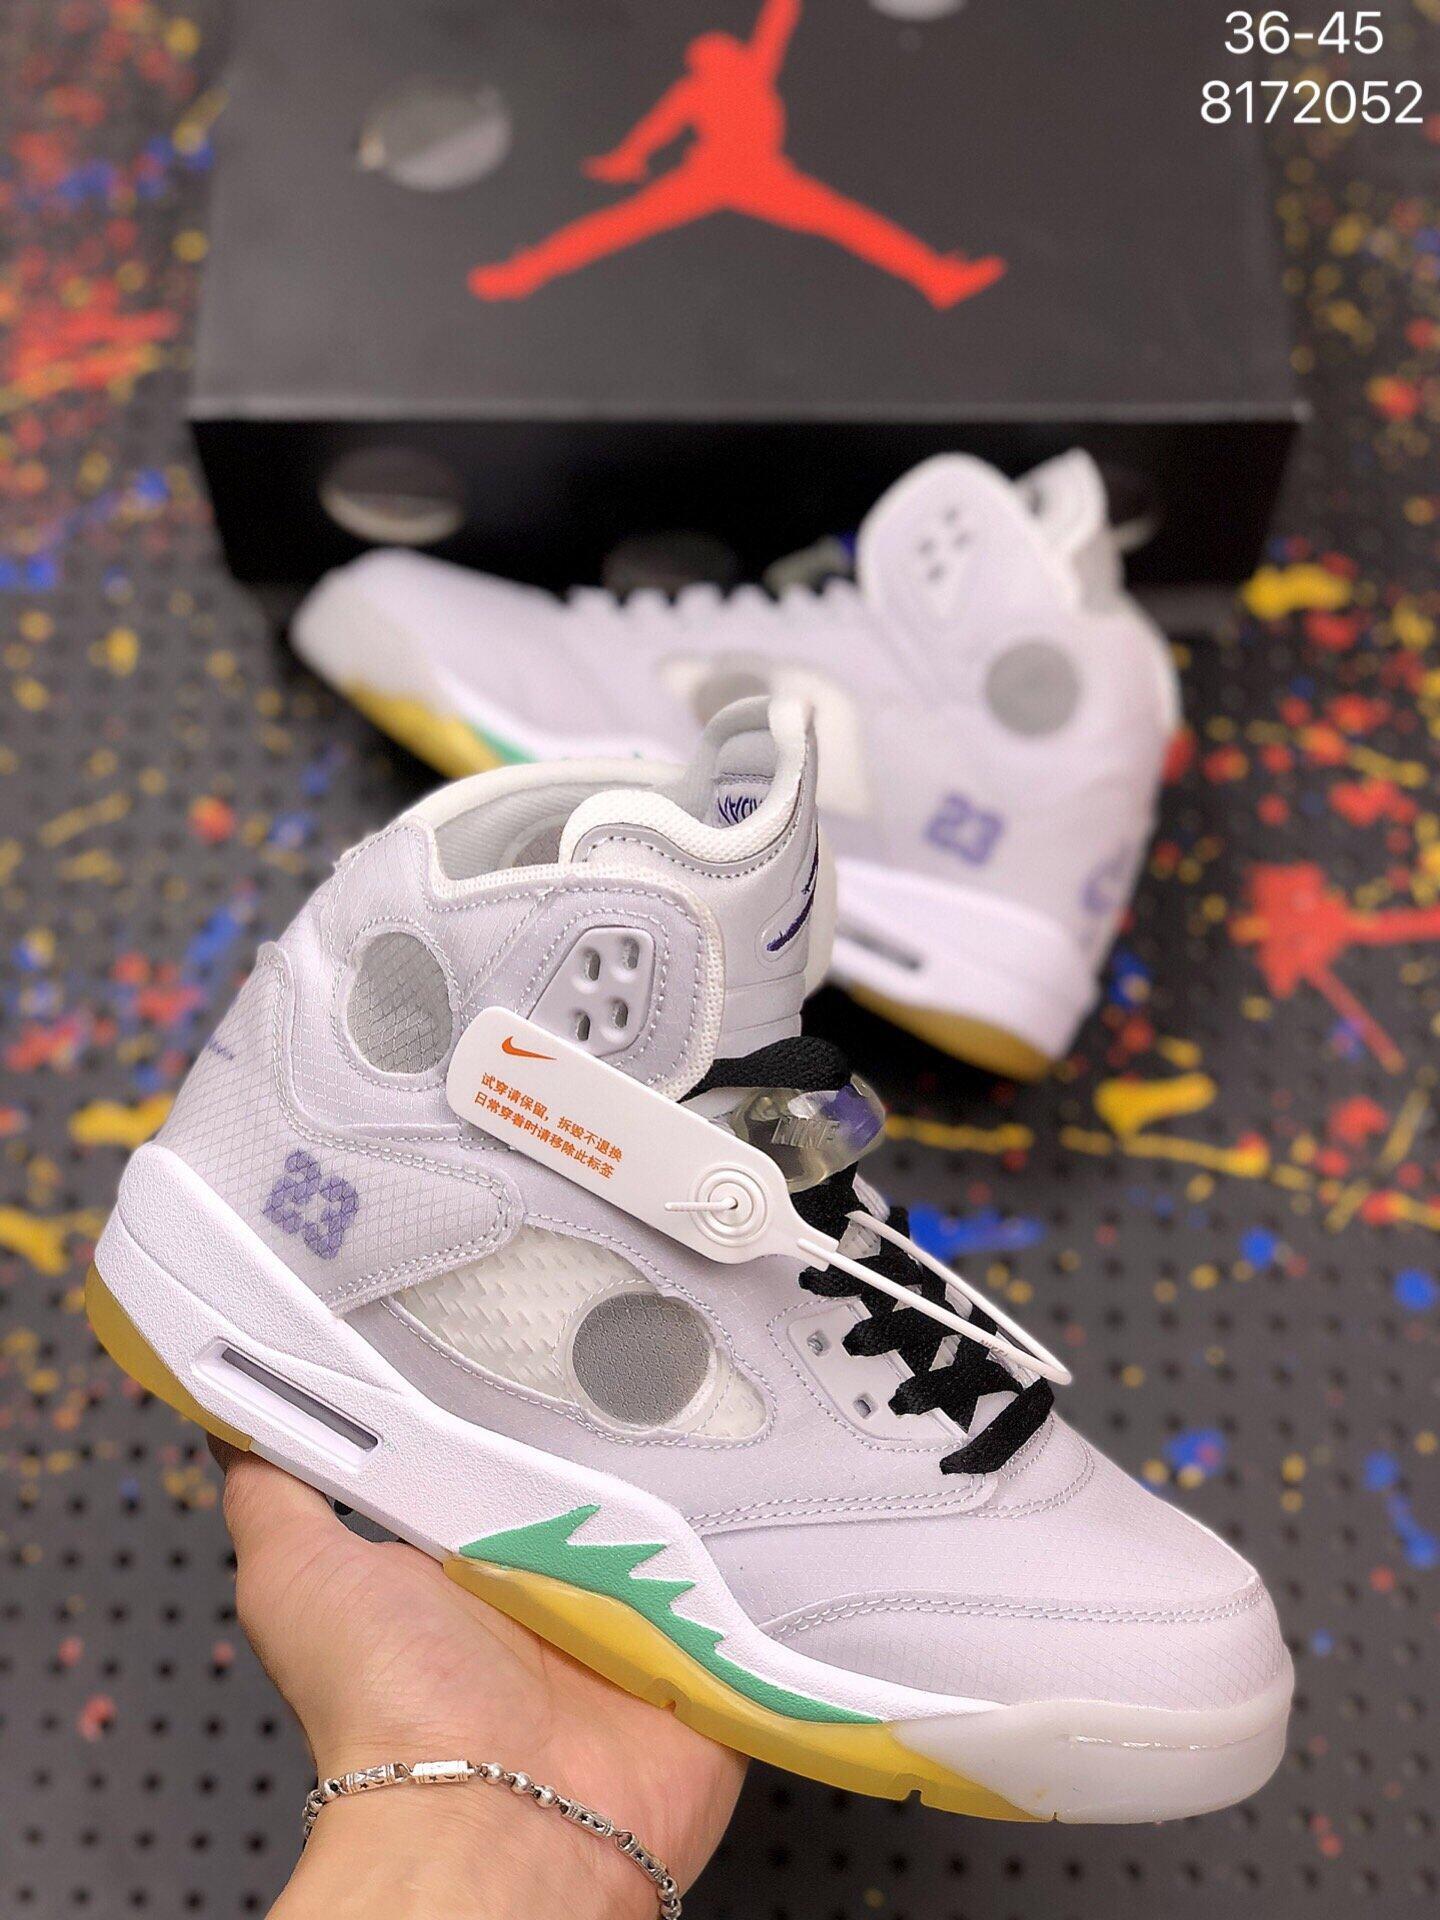 2519AJ5乔5代联名冰激凌高帮系带男女鞋篮球鞋运动鞋 莆田靴